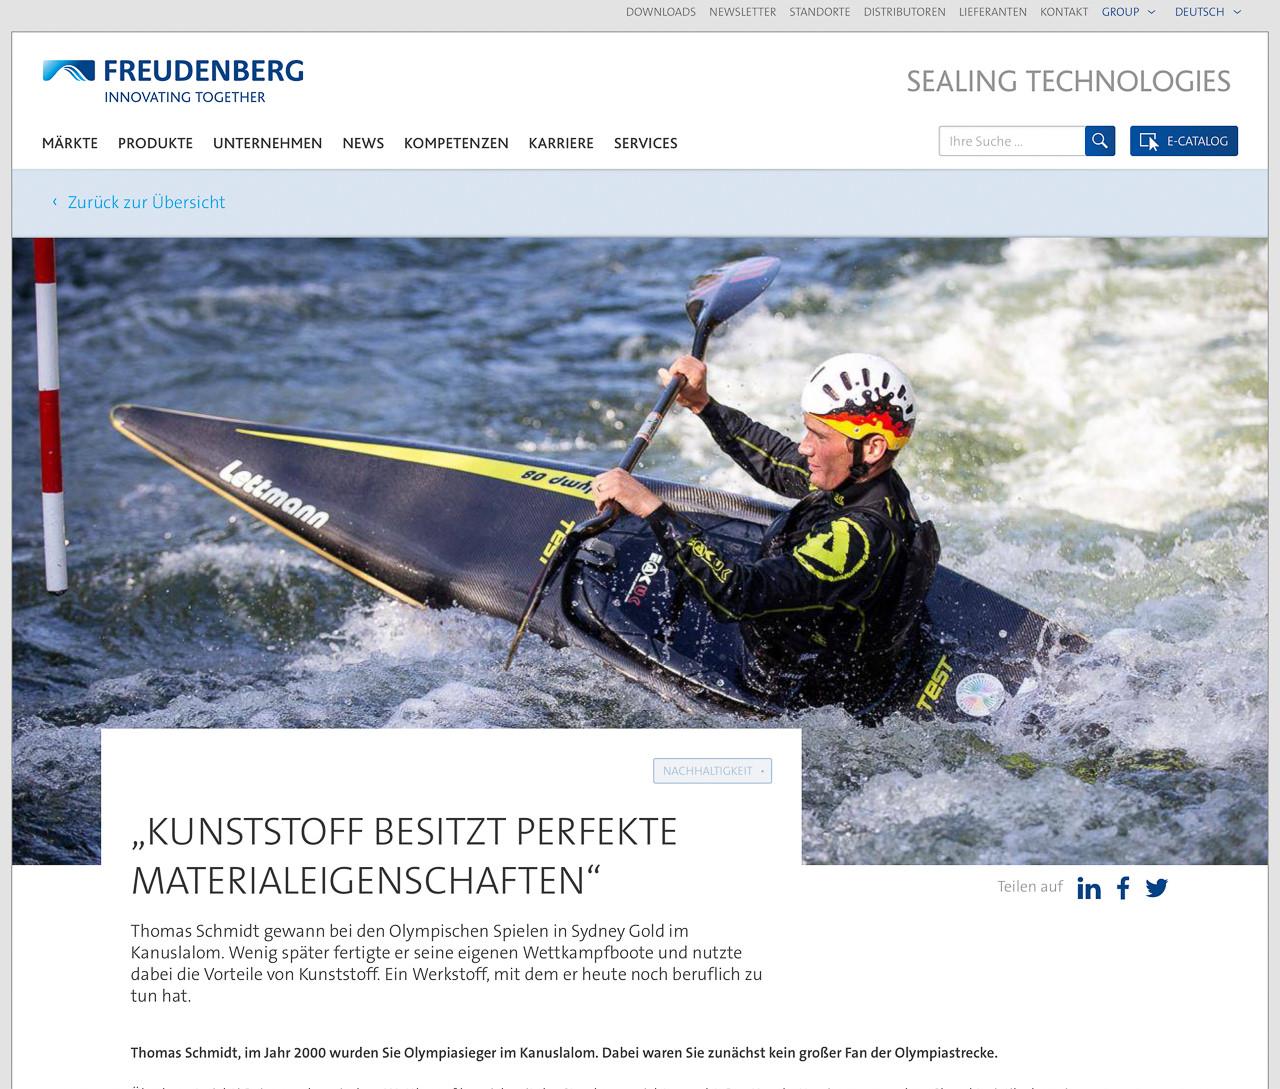 Kanu-Olympiasieger Thomas Schmidt für Freudenberg.